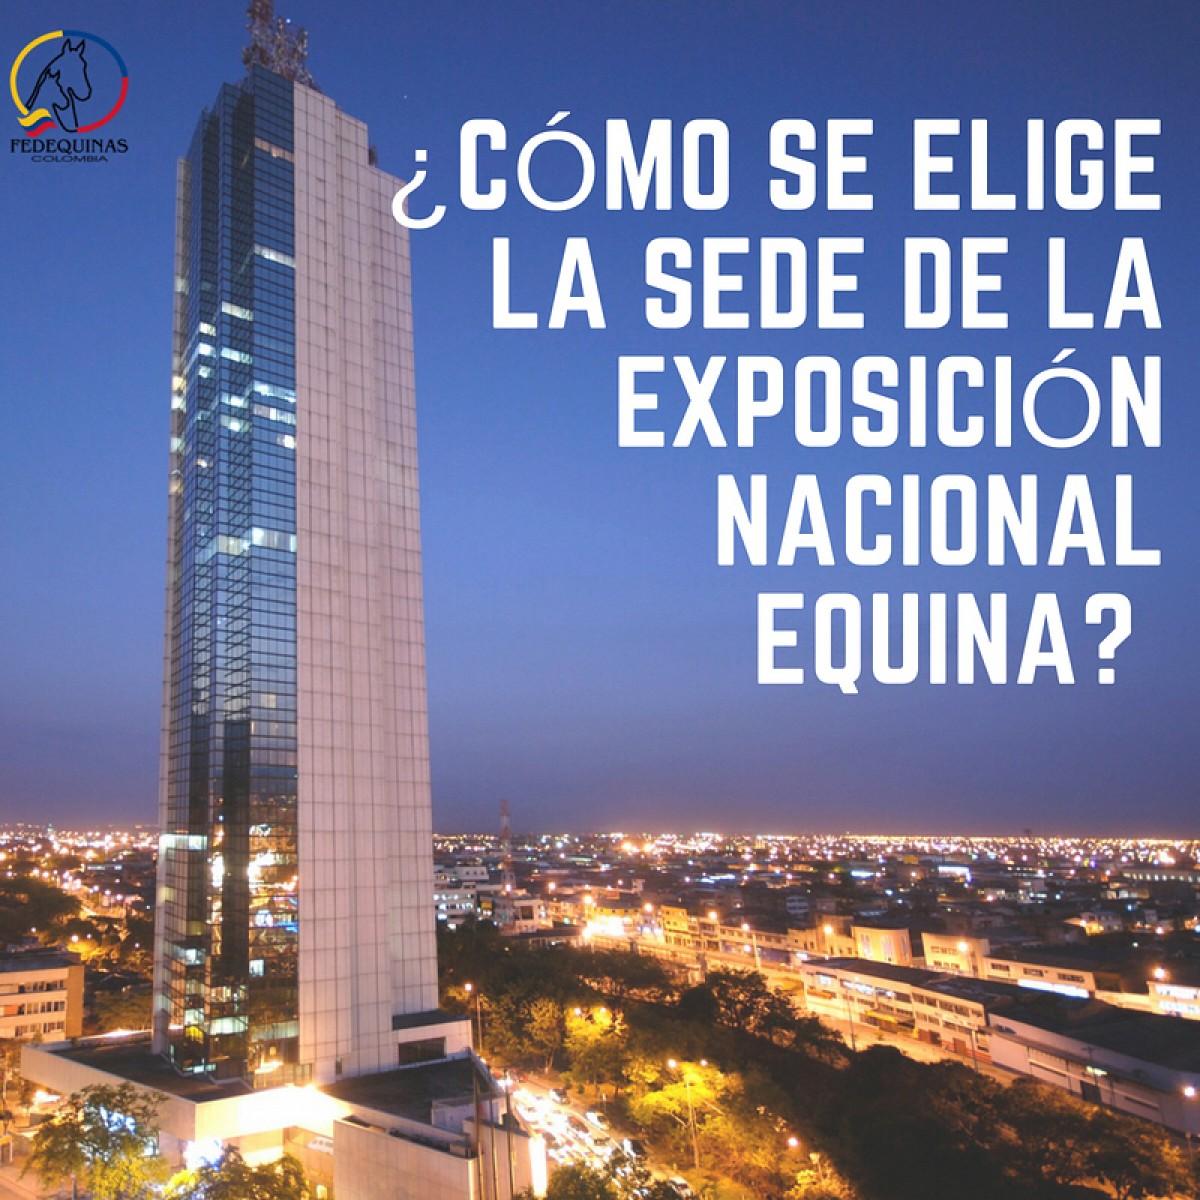 Fedequinas: Como Se Elige la Sede de la Nacional Equina?